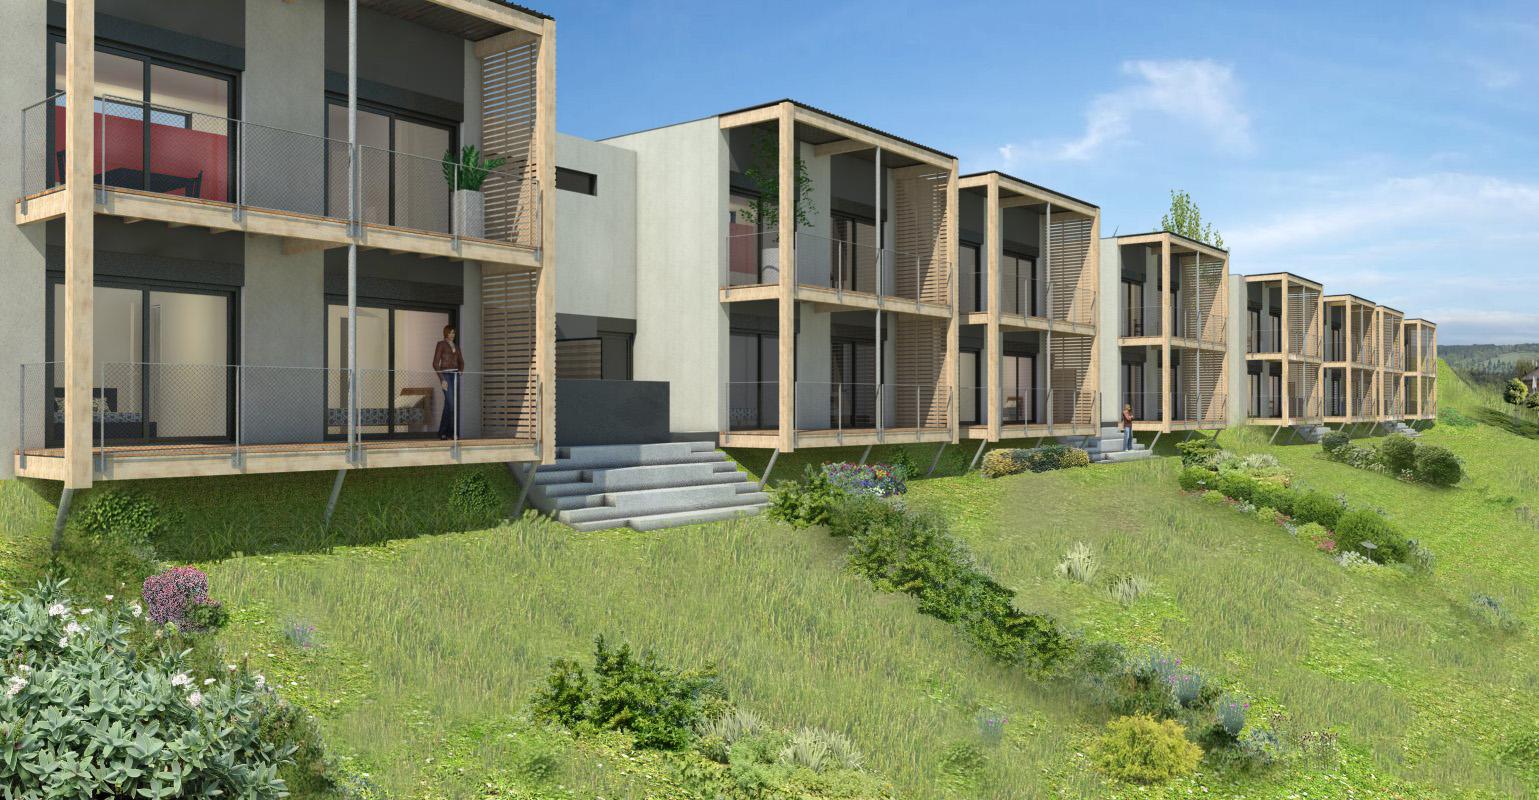 Lautrefabrique Architectes 8 Maisons En Bande